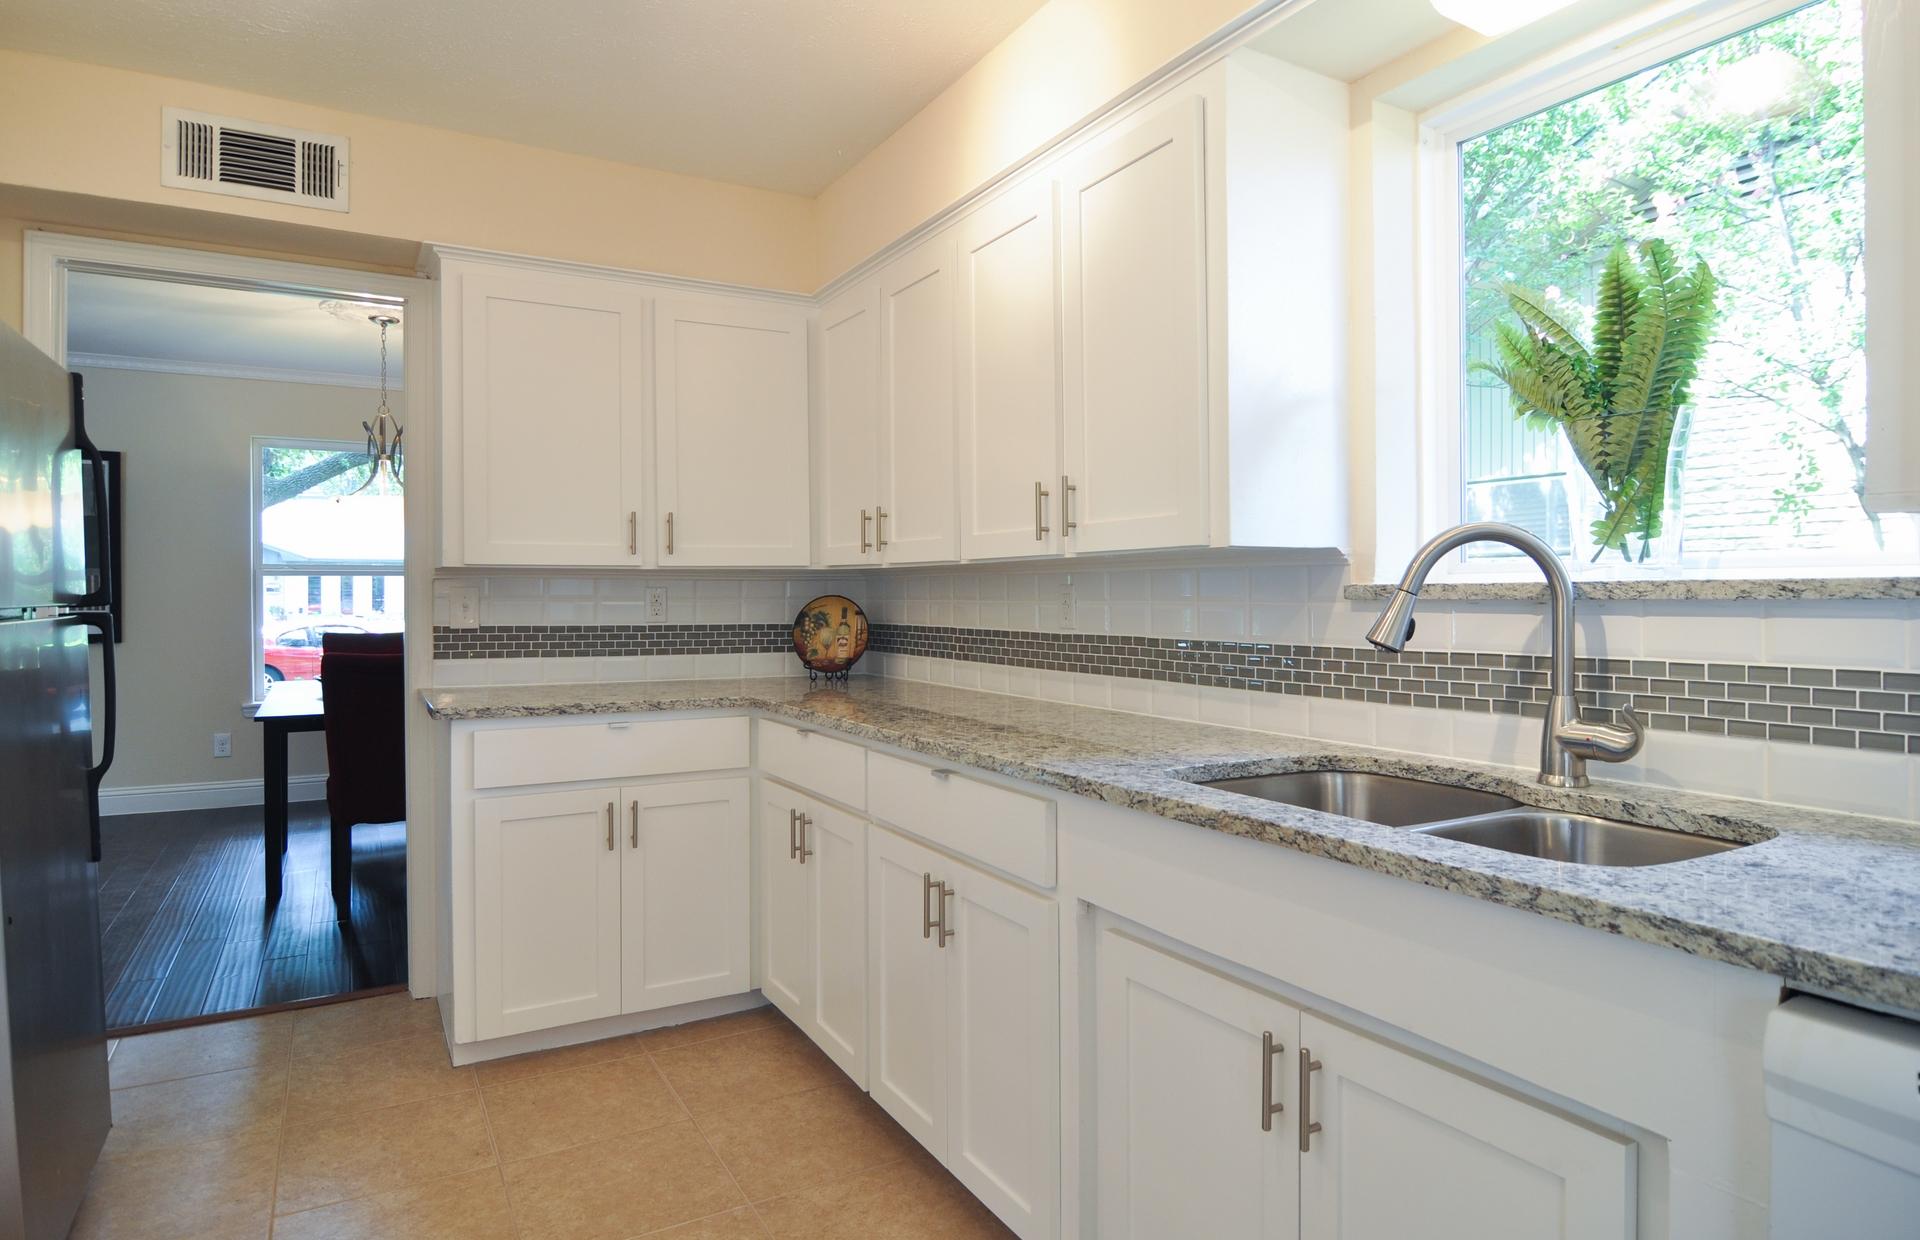 Kitchen Preparation 3133 Chapel Downs Dr Dallas TX 75229 Robert Jory.jpg